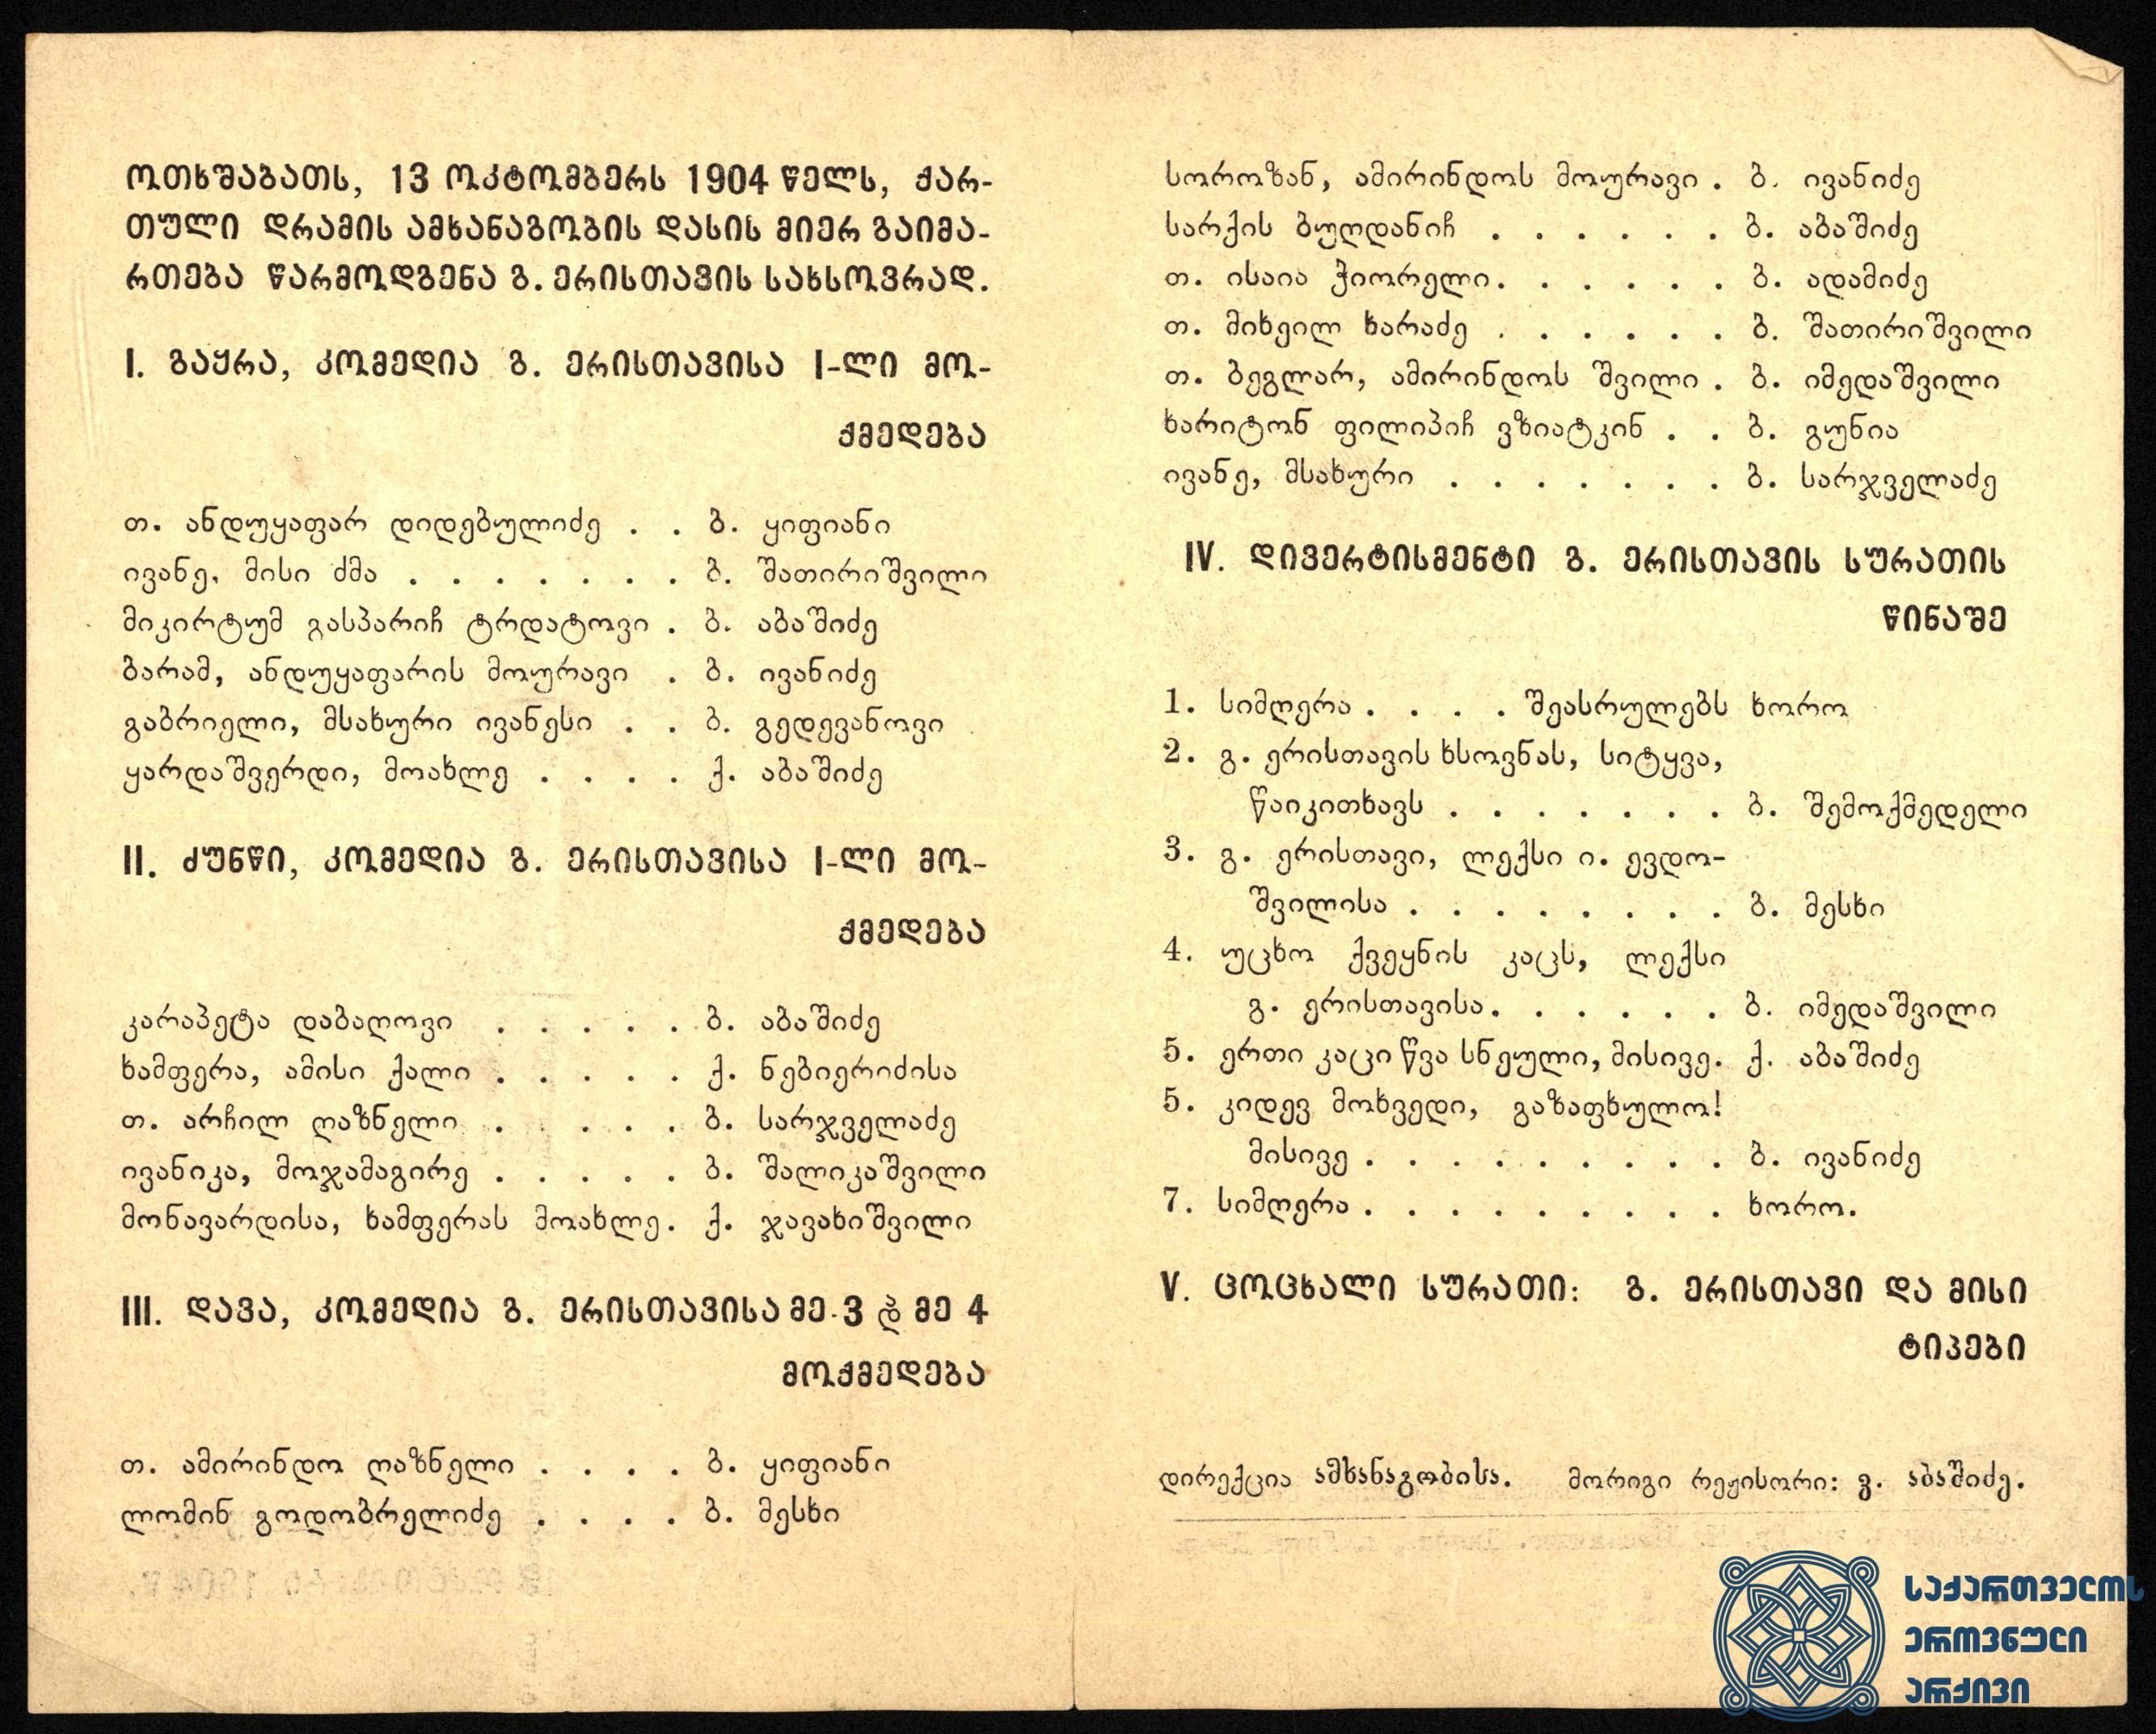 ქართული სახაზინო თეატრის 1904-1905 წლების სეზონი.<br> ქართული დრამის ამხანაგობის დასის წარმოდგენები გიორგი ერისთავის კომედიების მიხედვით.<br> 1904 წლის 13 ოქტომბერი.<br> The Georgian Treasury Theater Season 1904-1905.<br> Performances of the Georgian Drama Partnership troupe according to the comedies of Giorgi Eristavi.<br> October 13, 1904.